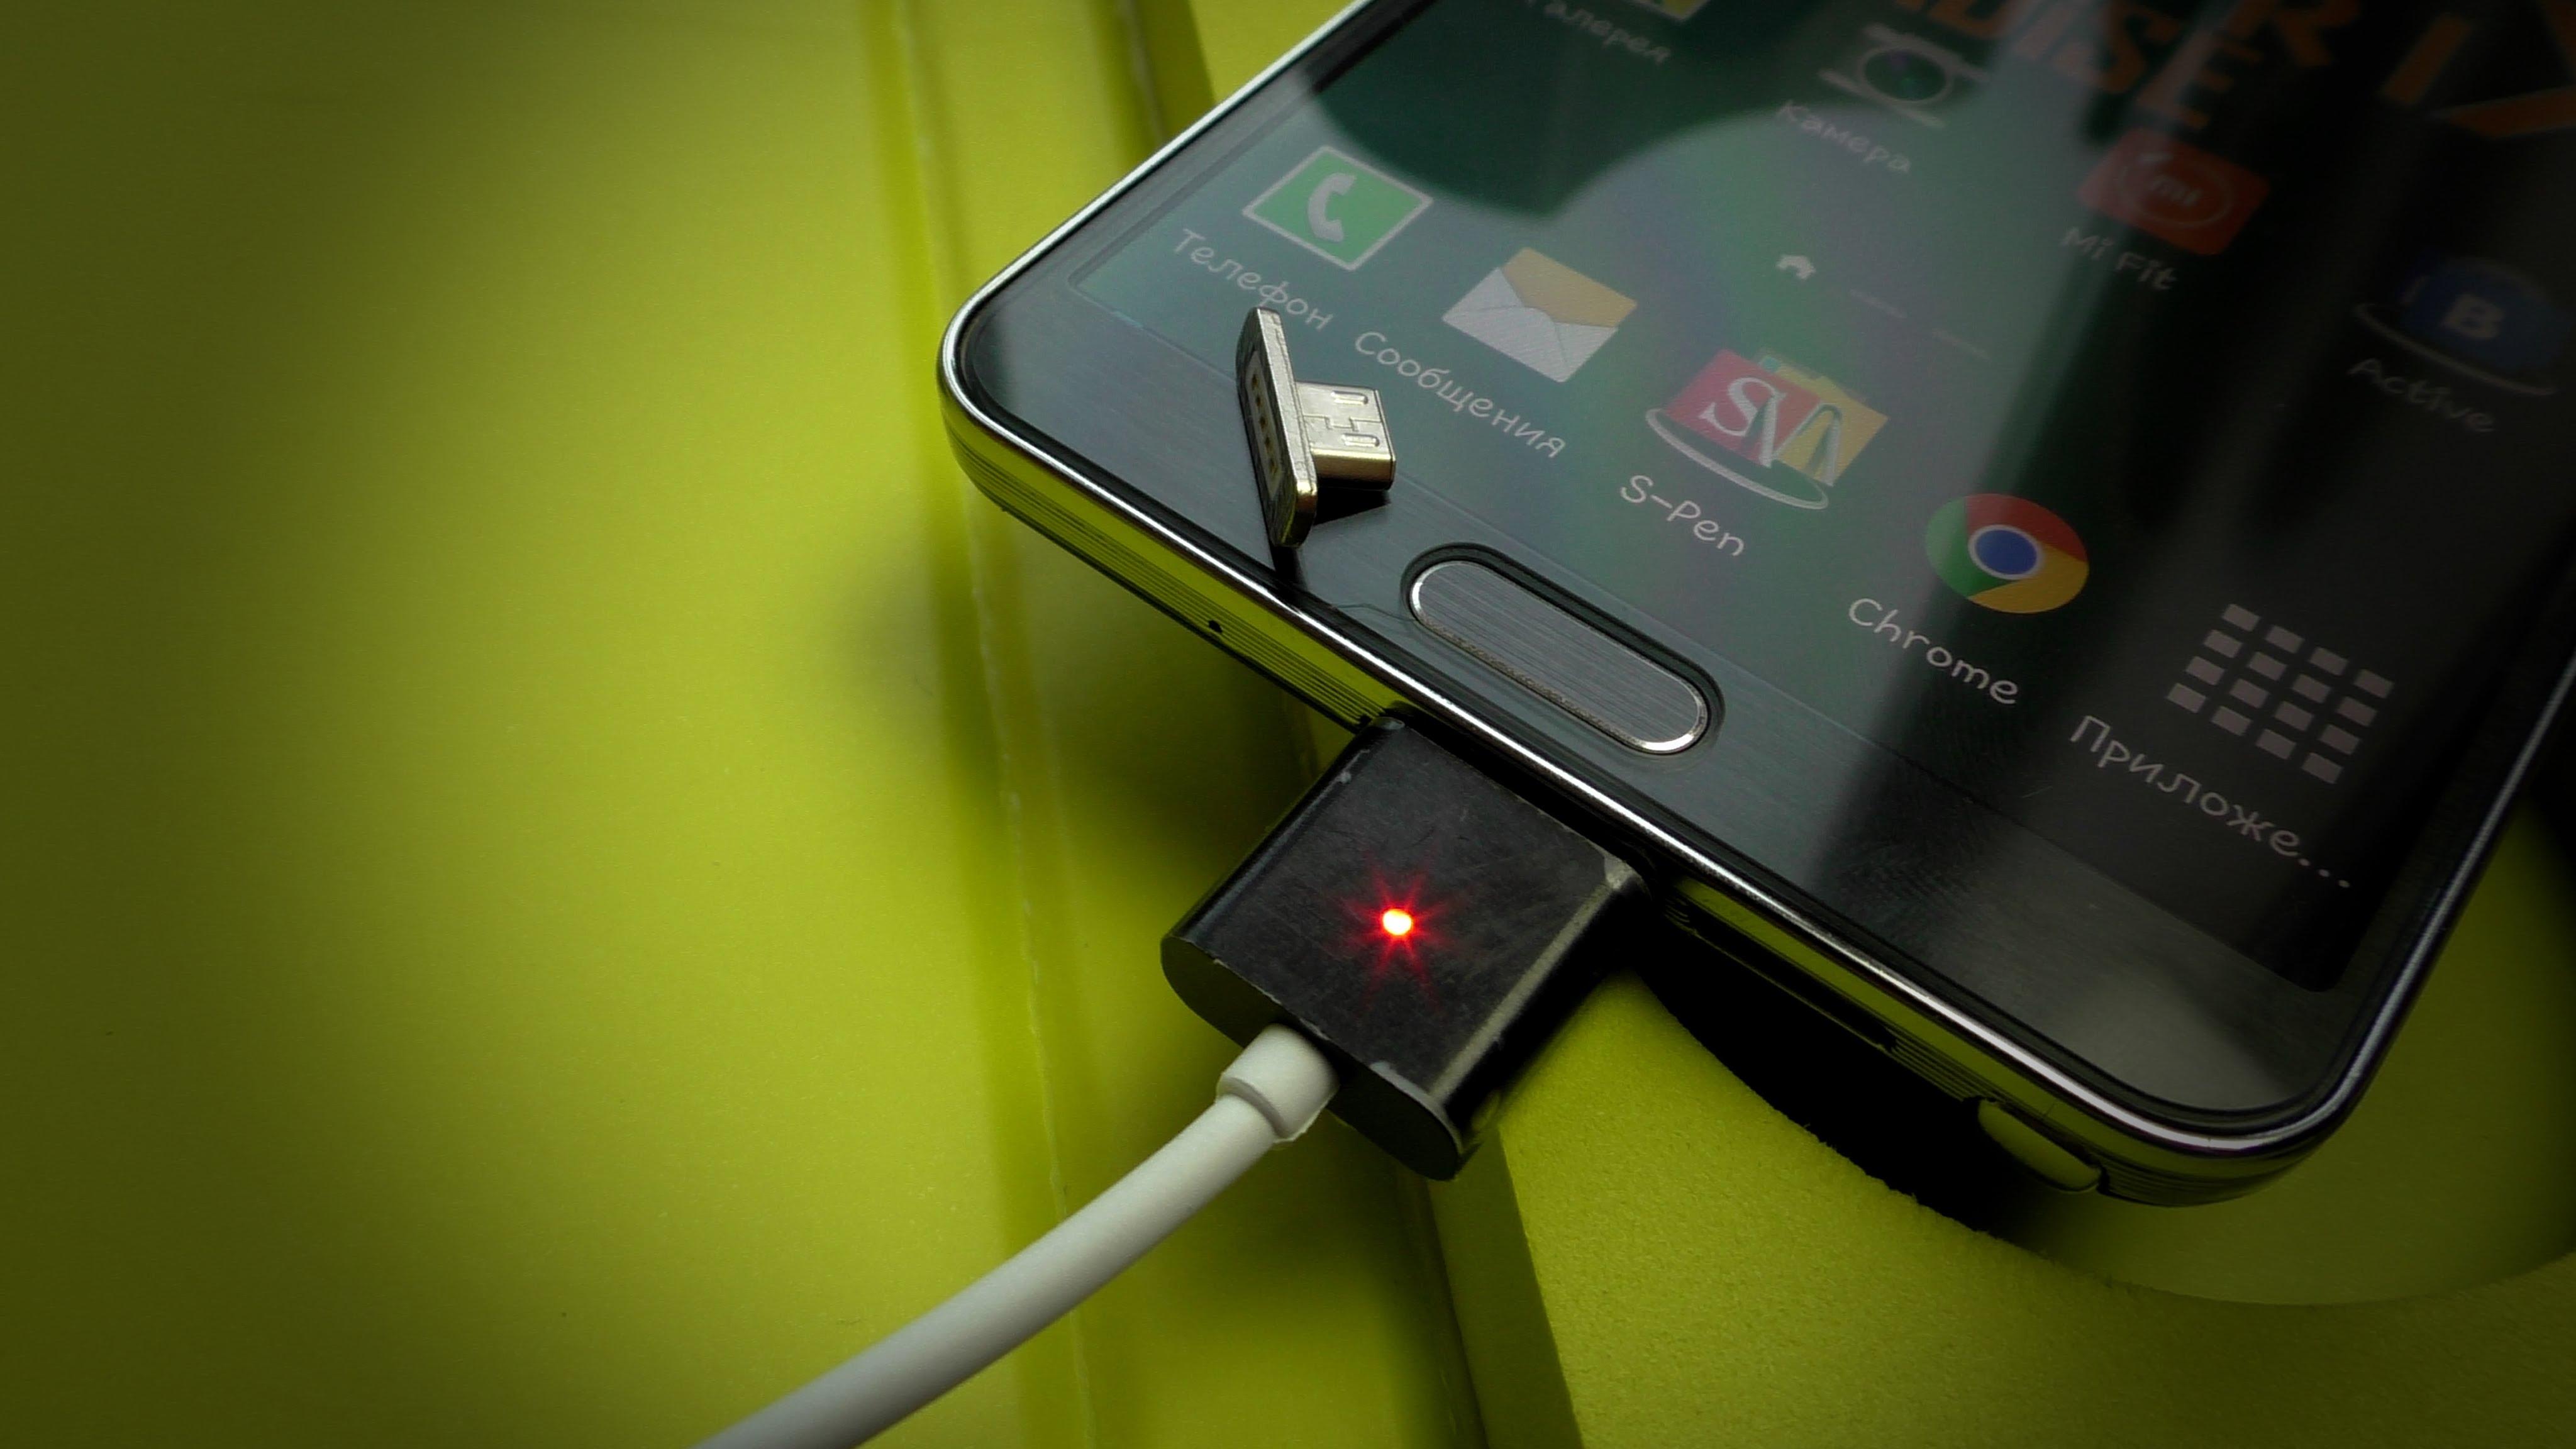 как подключить телефон к компьютеру через USB кабель